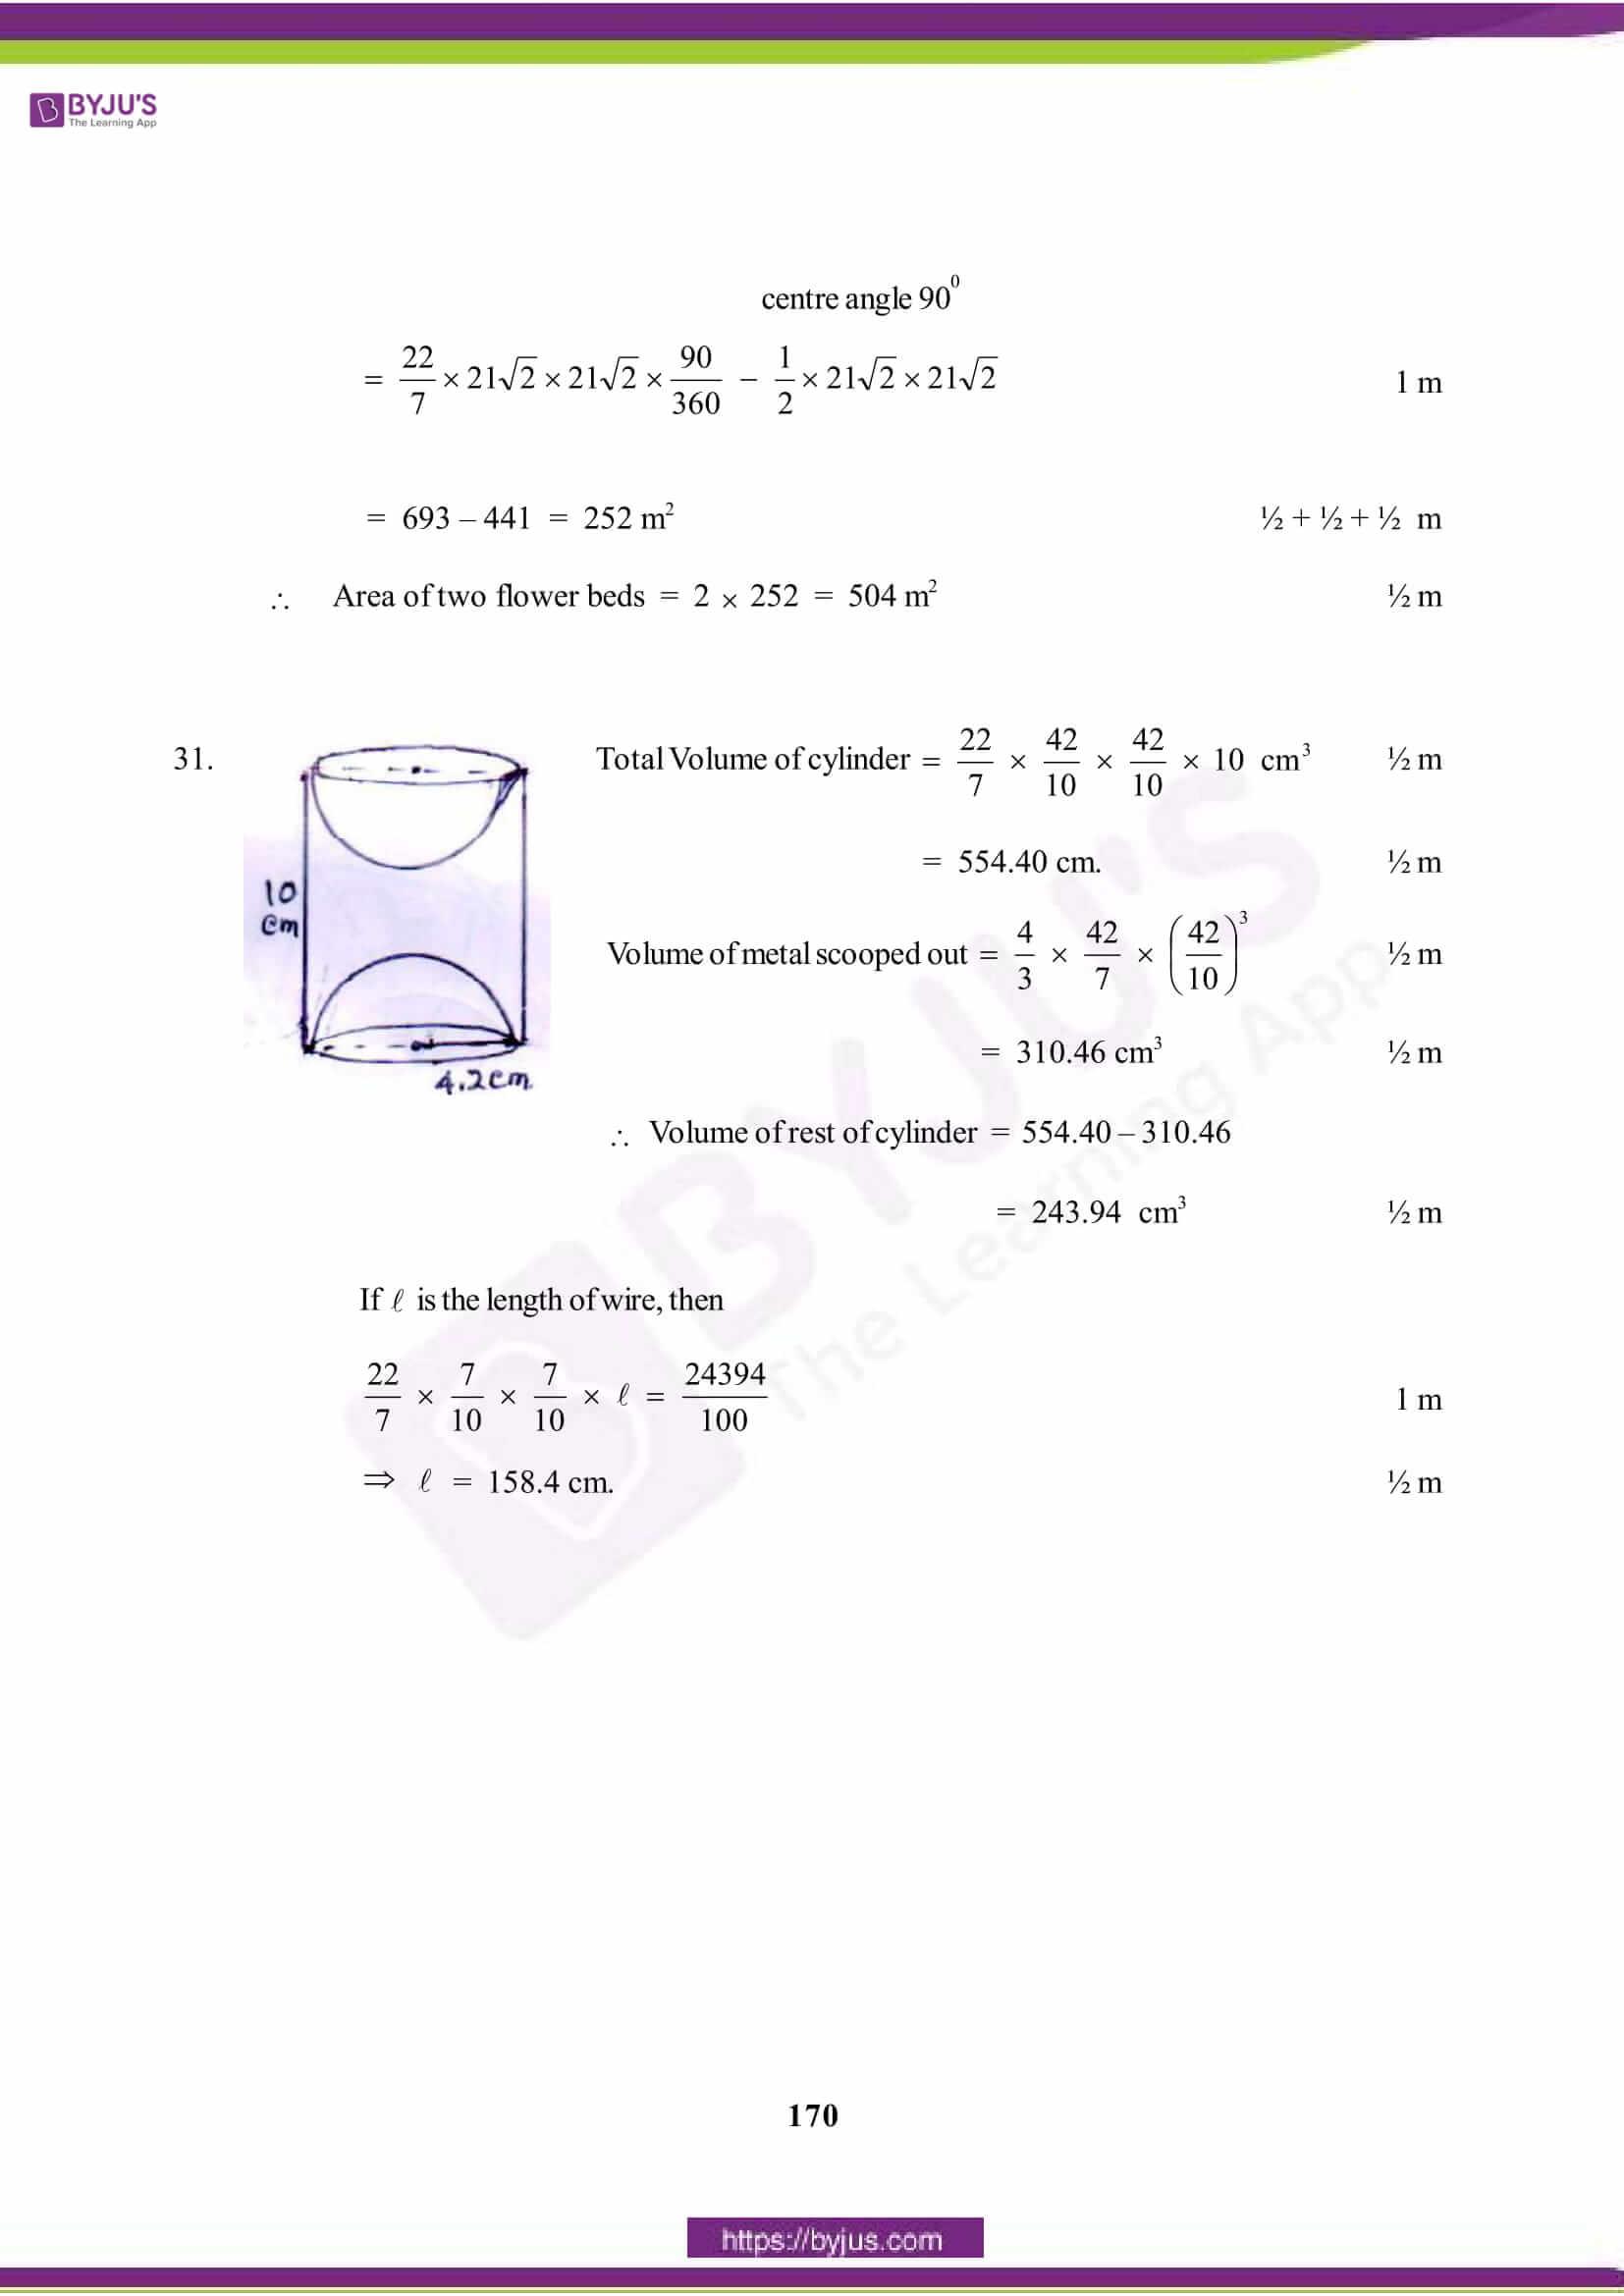 CBSE Class 10 Maths Solution PDF 2015 Set 1 9